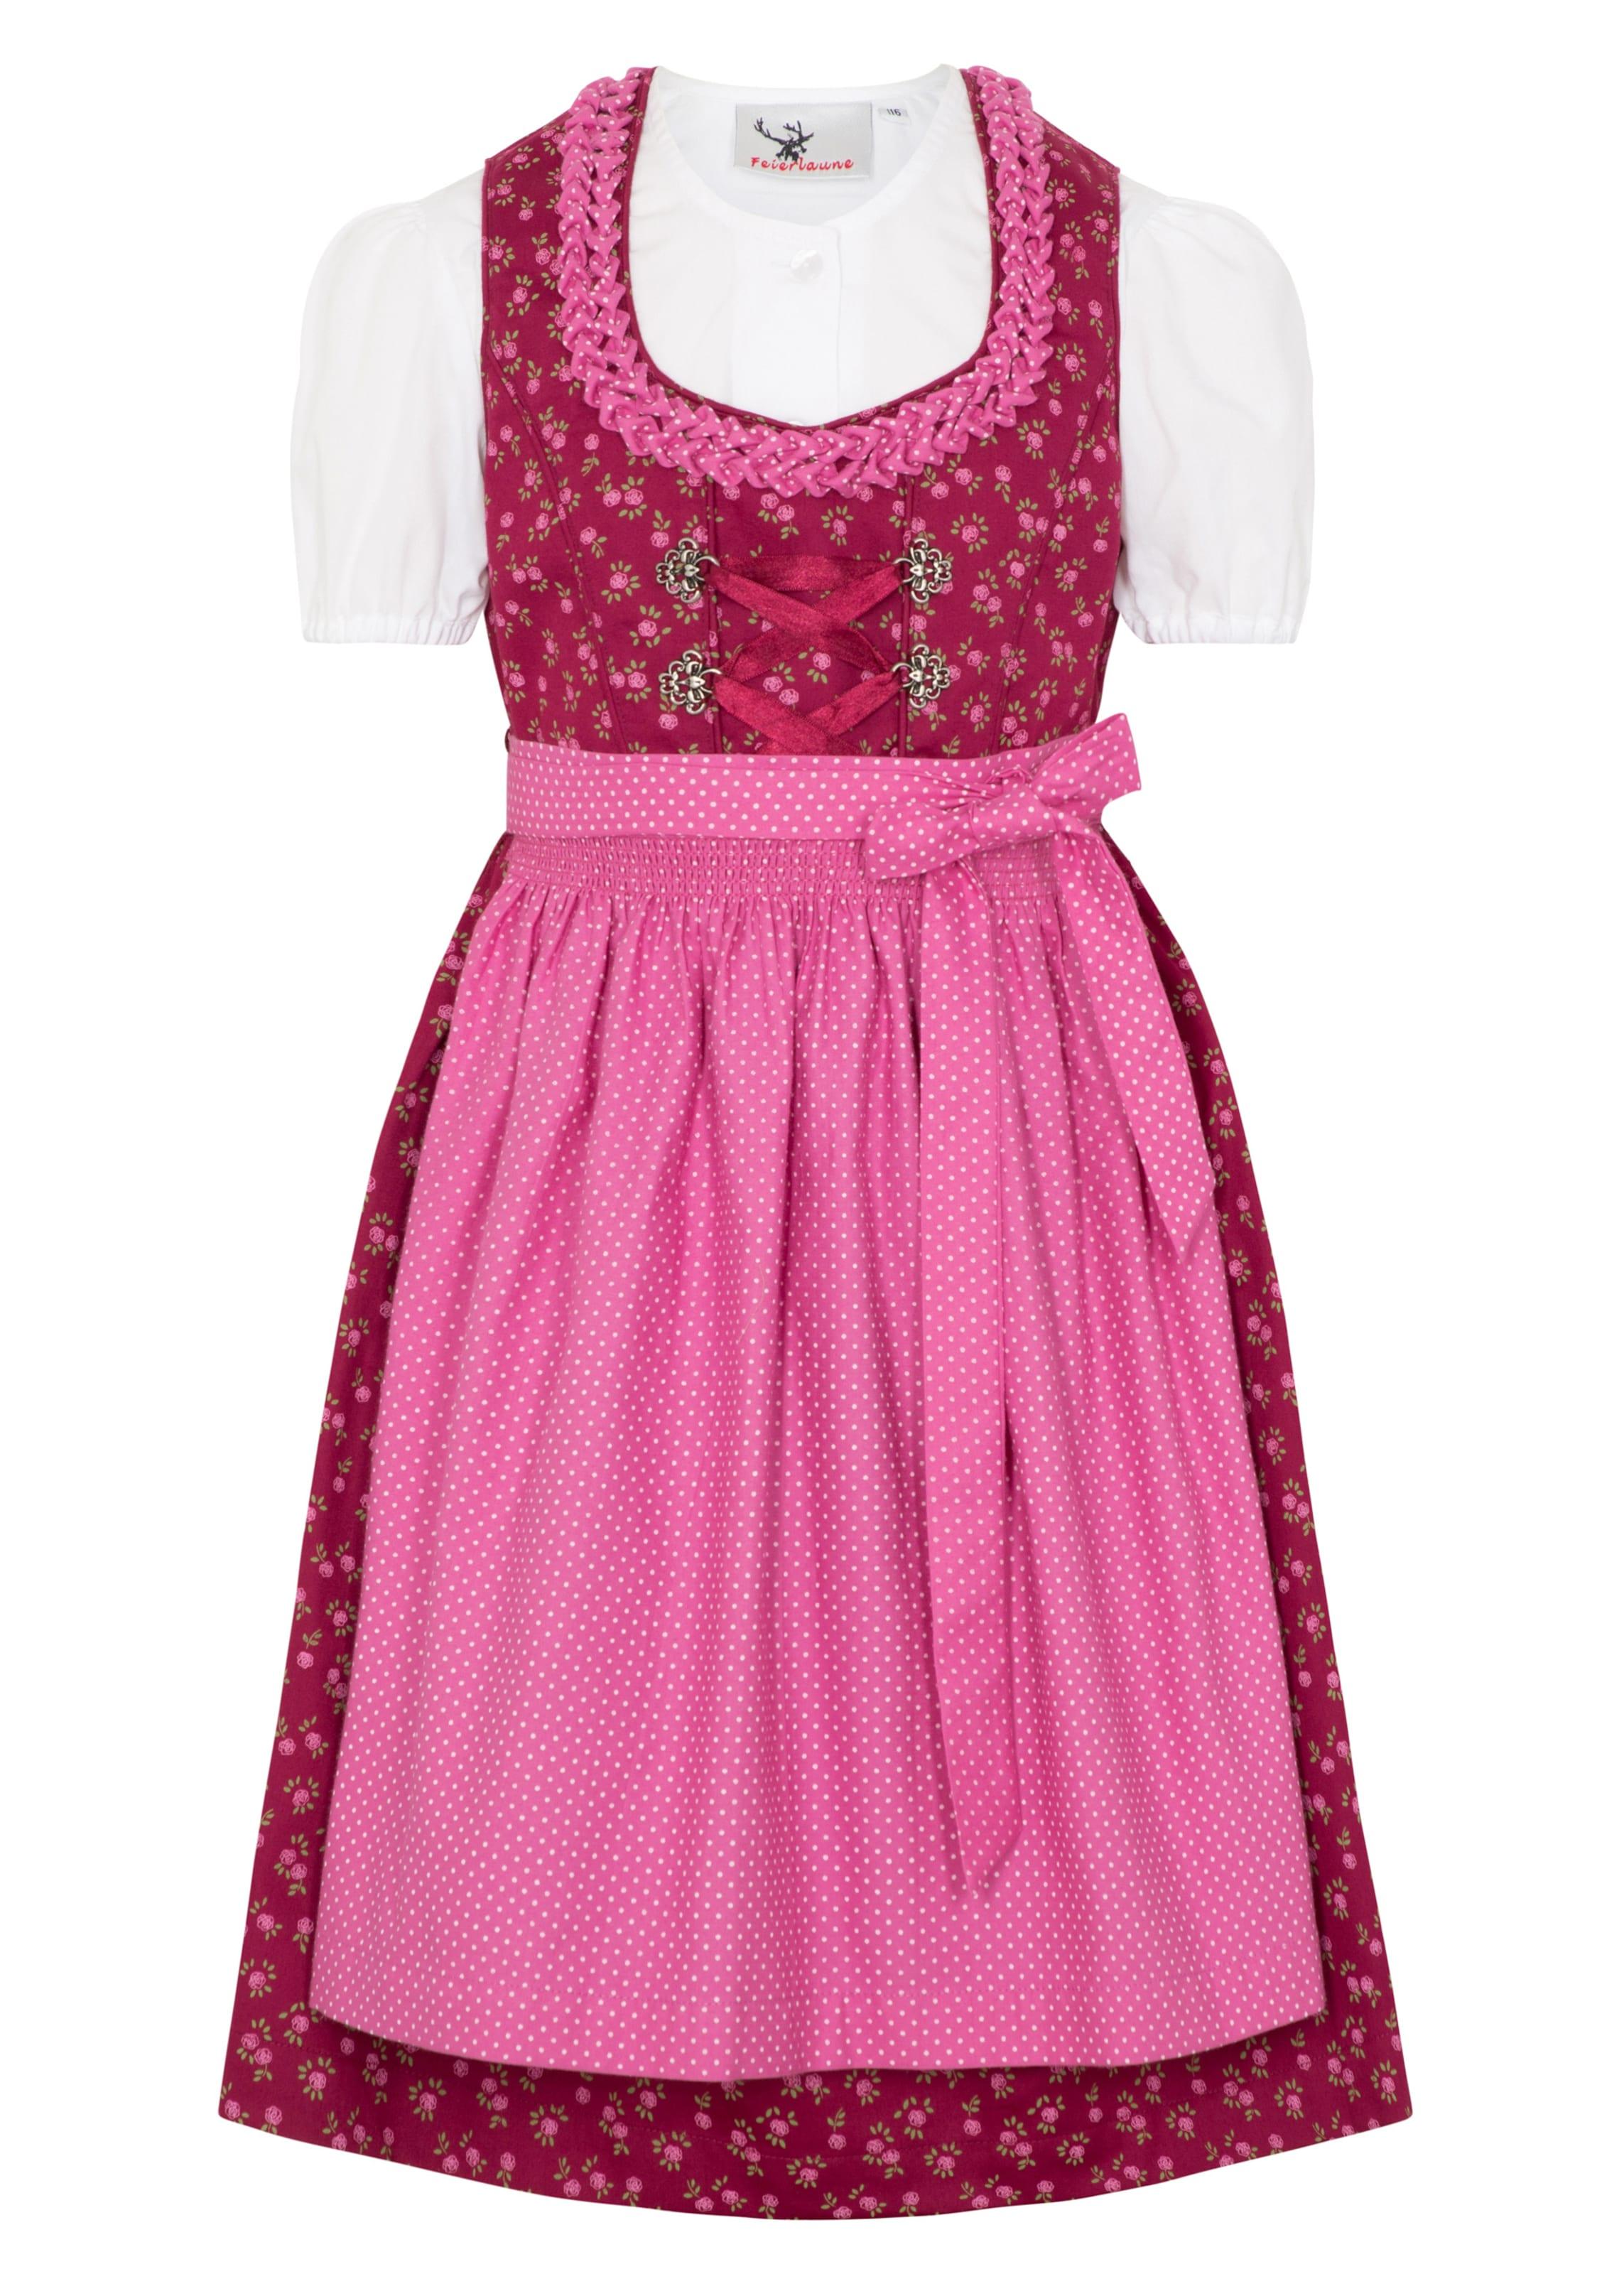 Kinder,  Mädchen,  Kinder SPIETH & WENSKY Dirndl mit Bluse 'Knuddel' pink,  rot,  weiß | 04059829596986